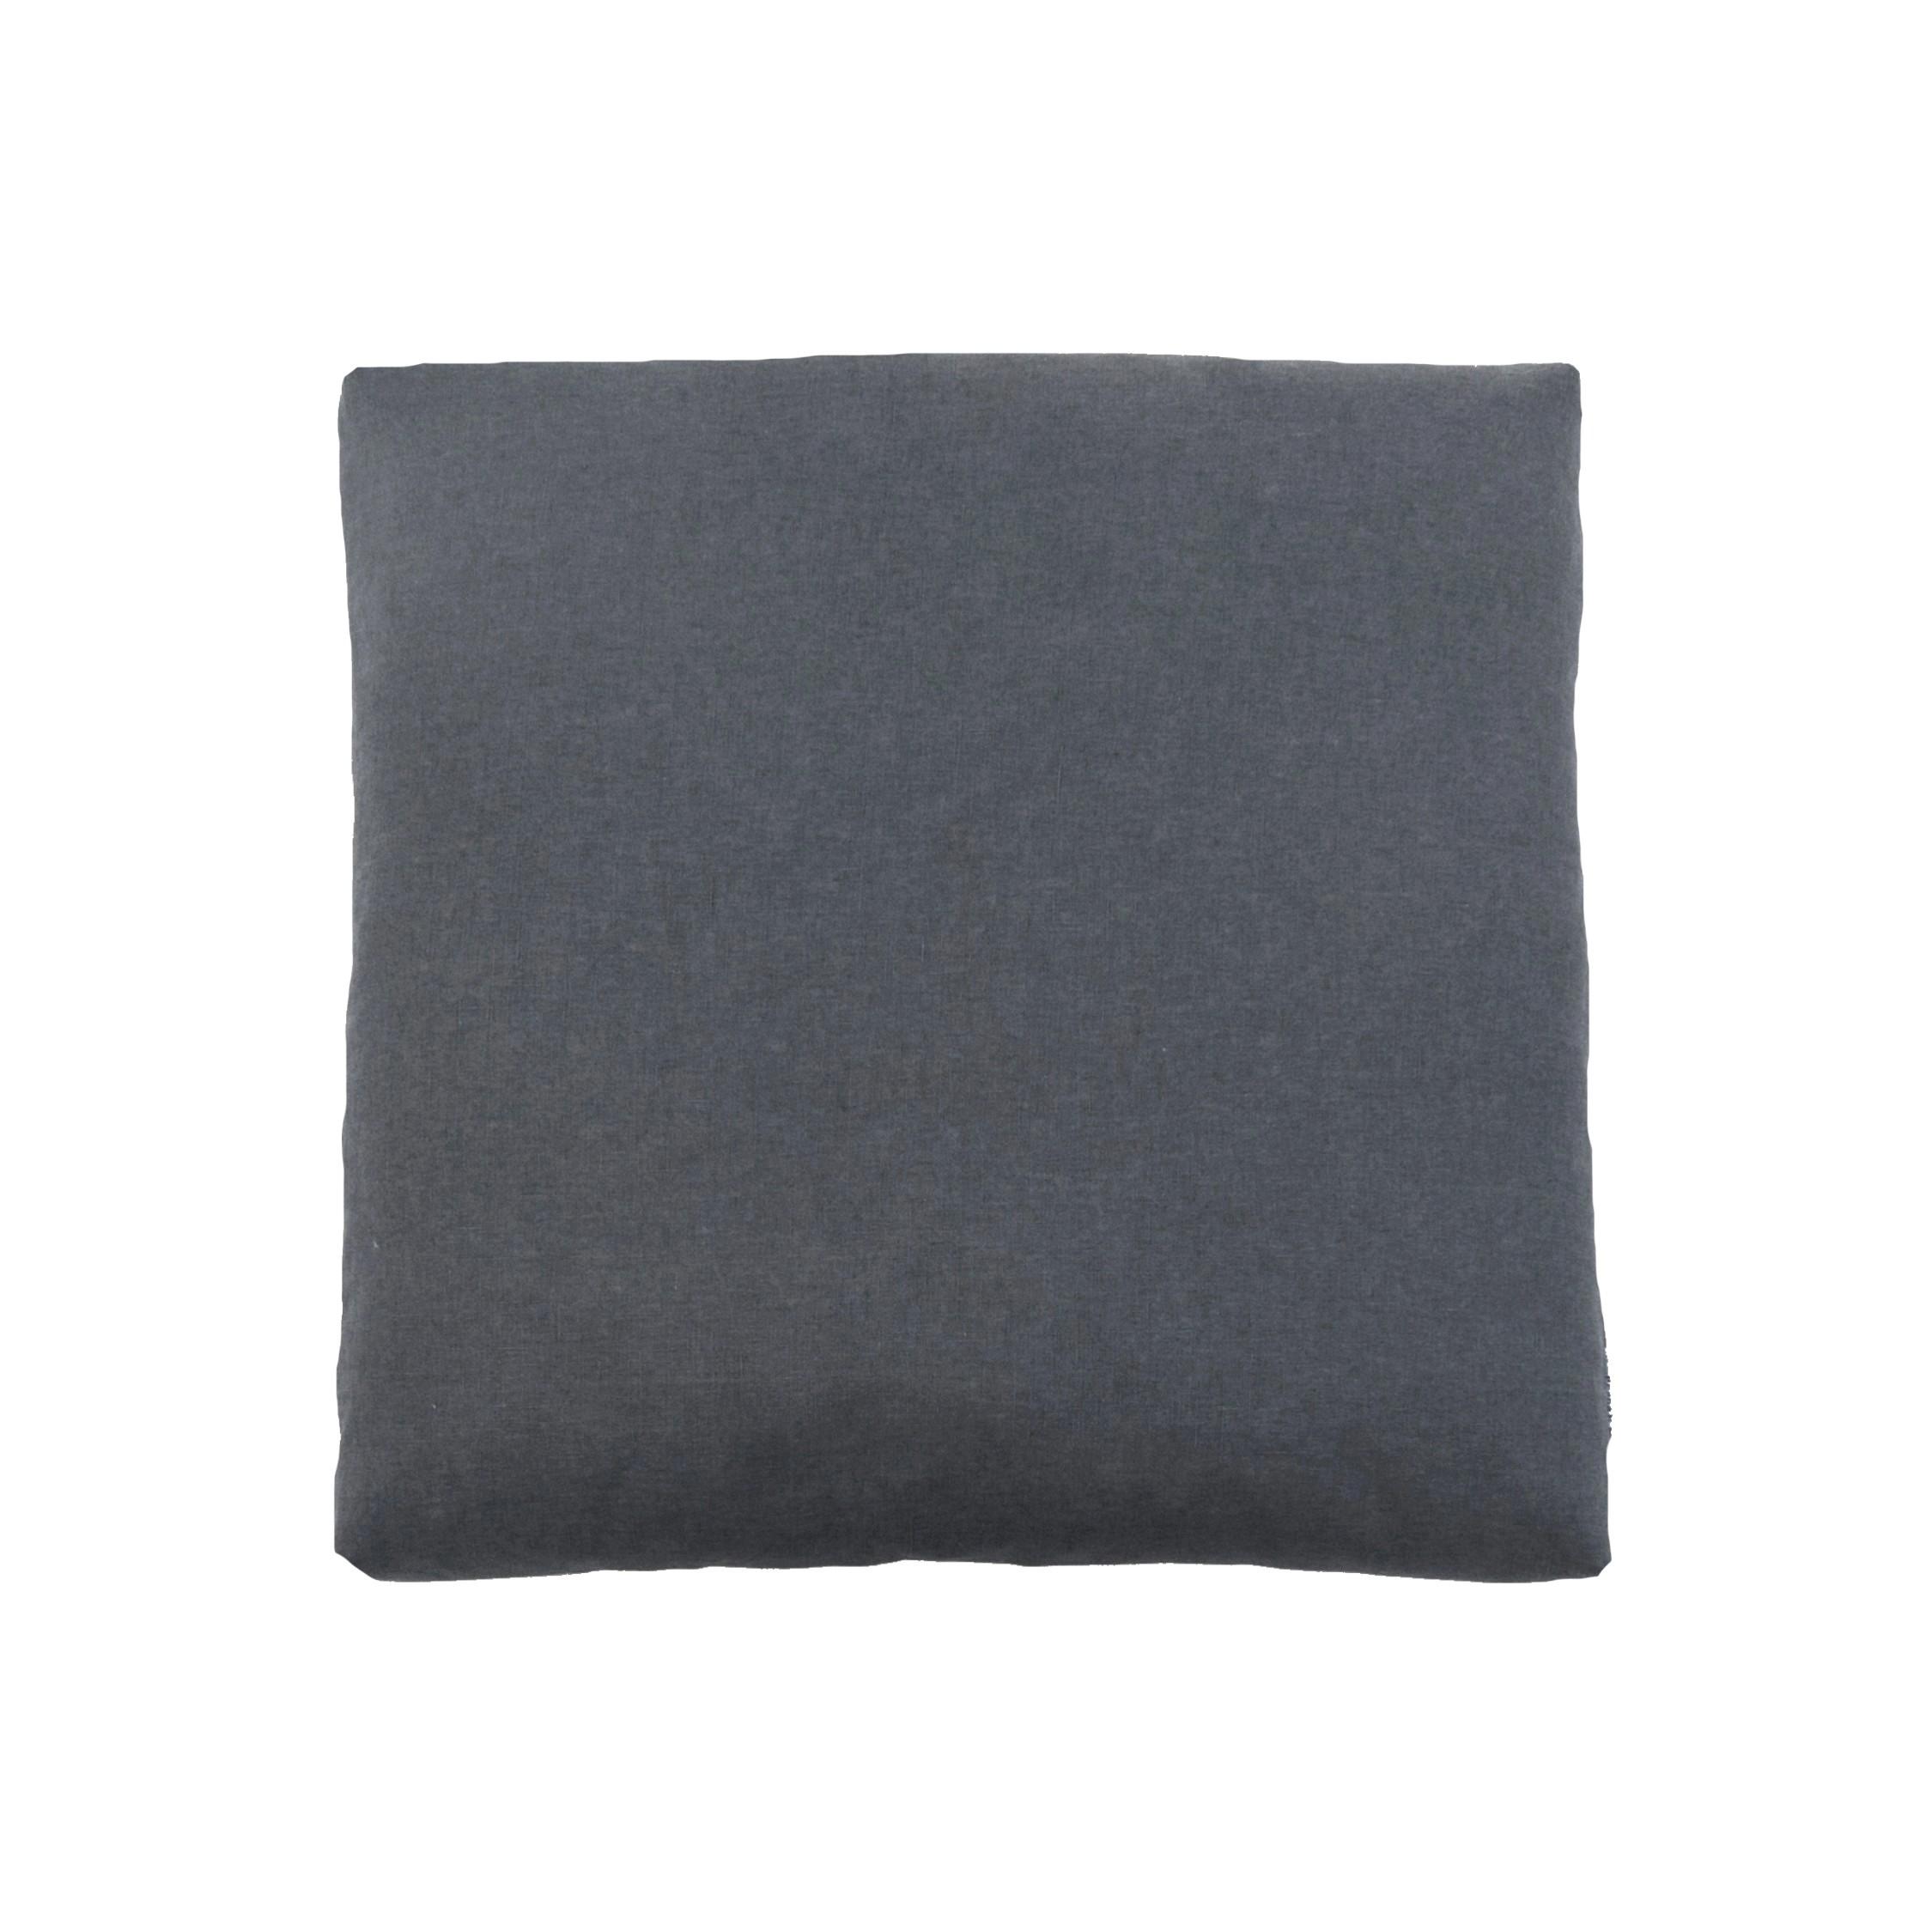 Zabuton in dark grey